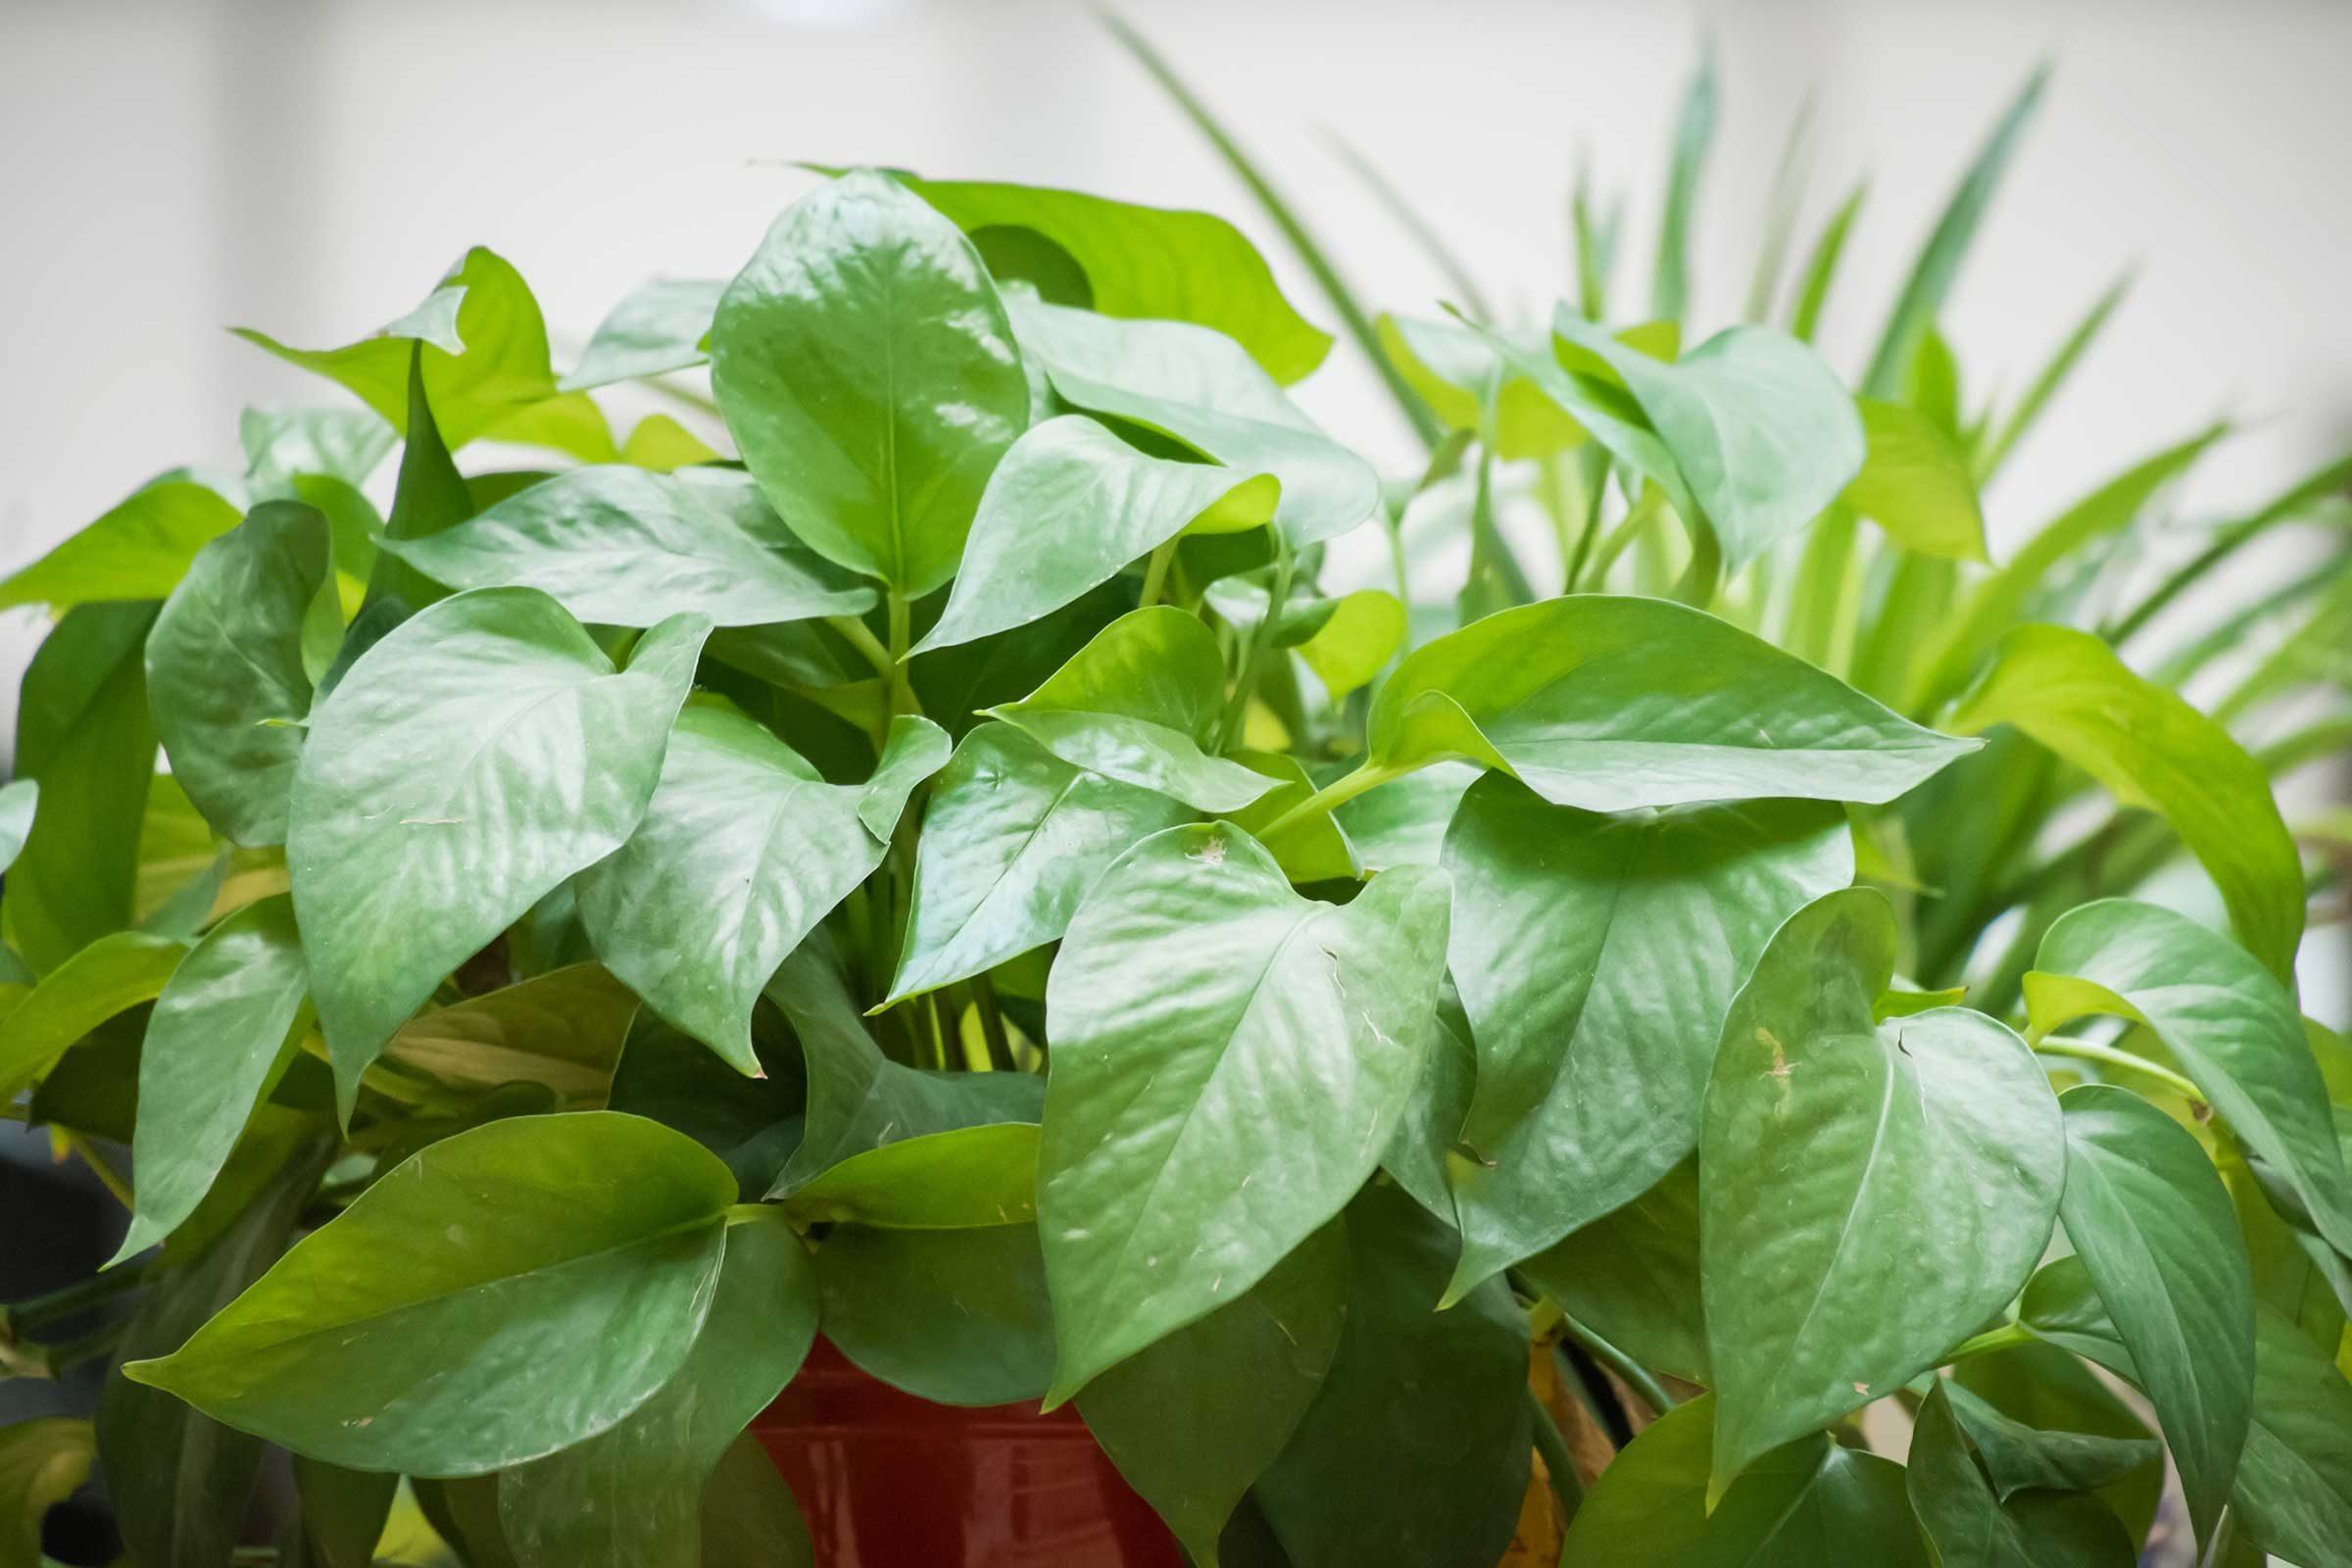 Brighten up houseplants